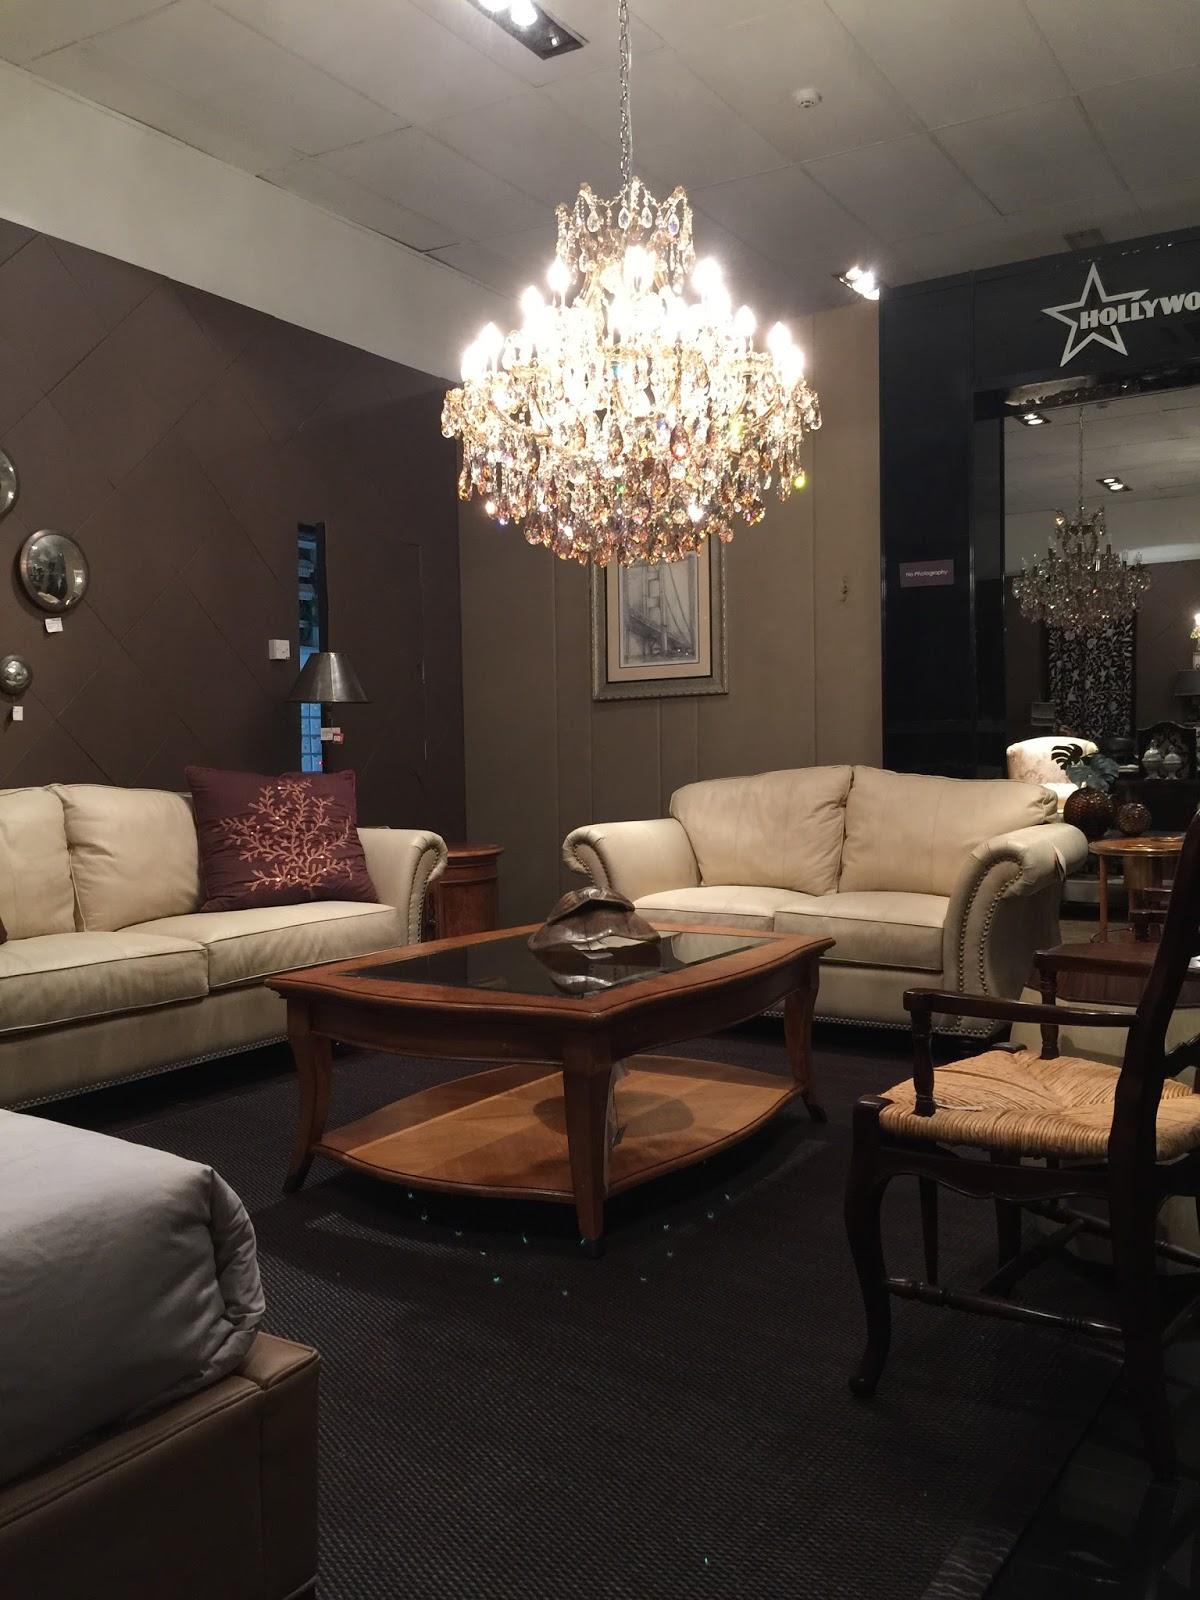 Da Vinci Sofa Malaysia